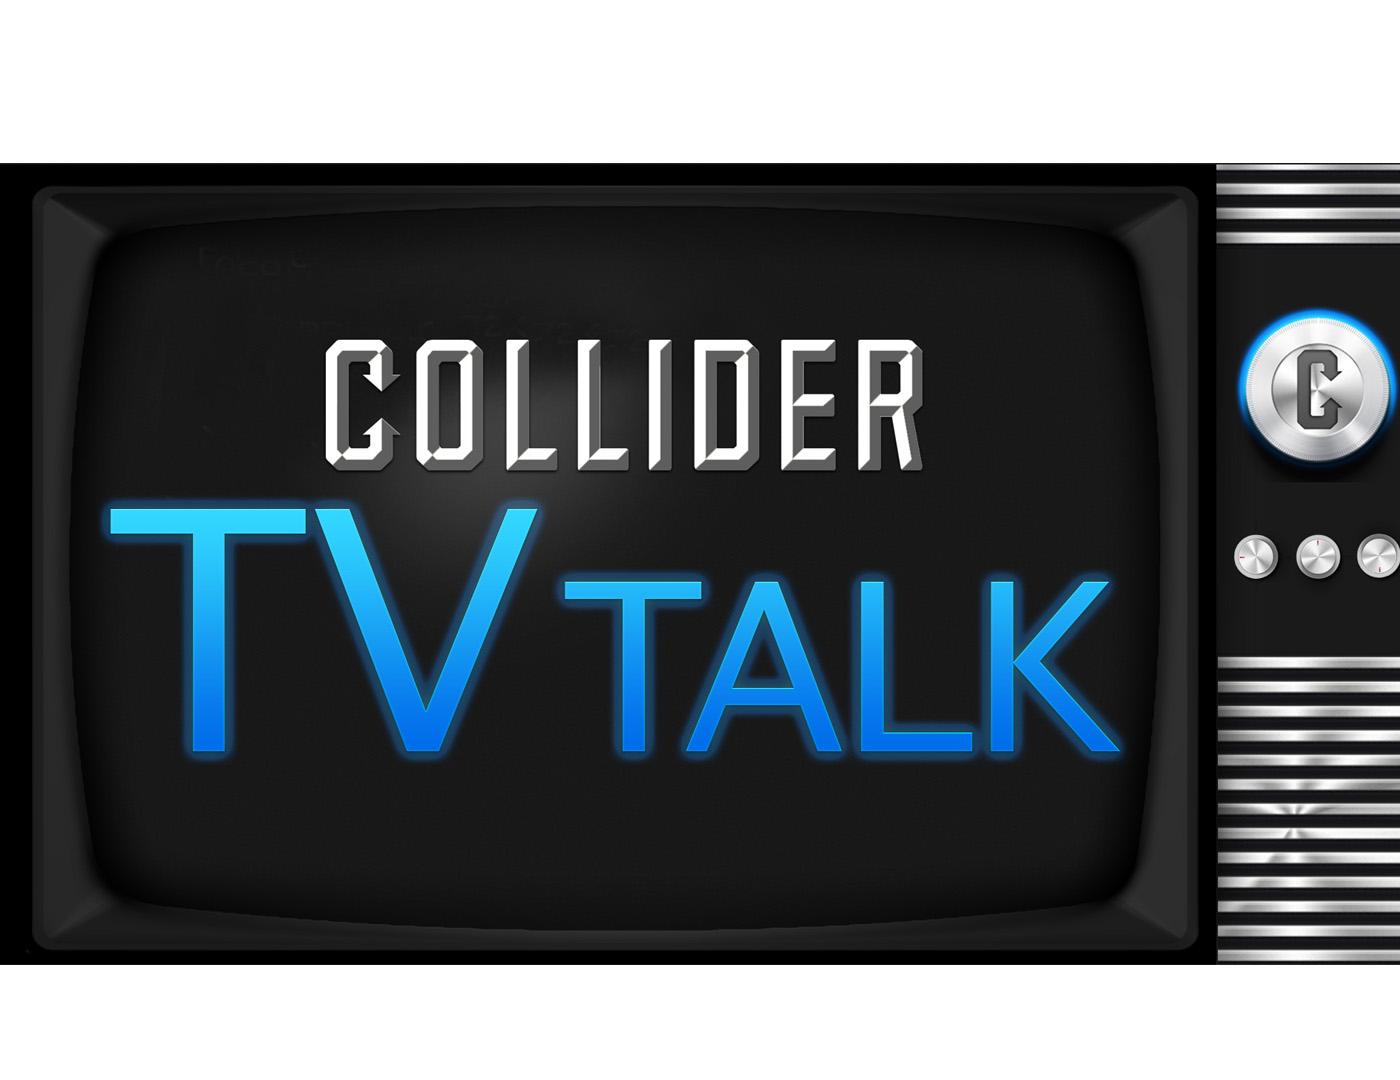 Luke Cage, Iron Fist, The Flash Comic-Con Trailers & More - Collider TV Talk